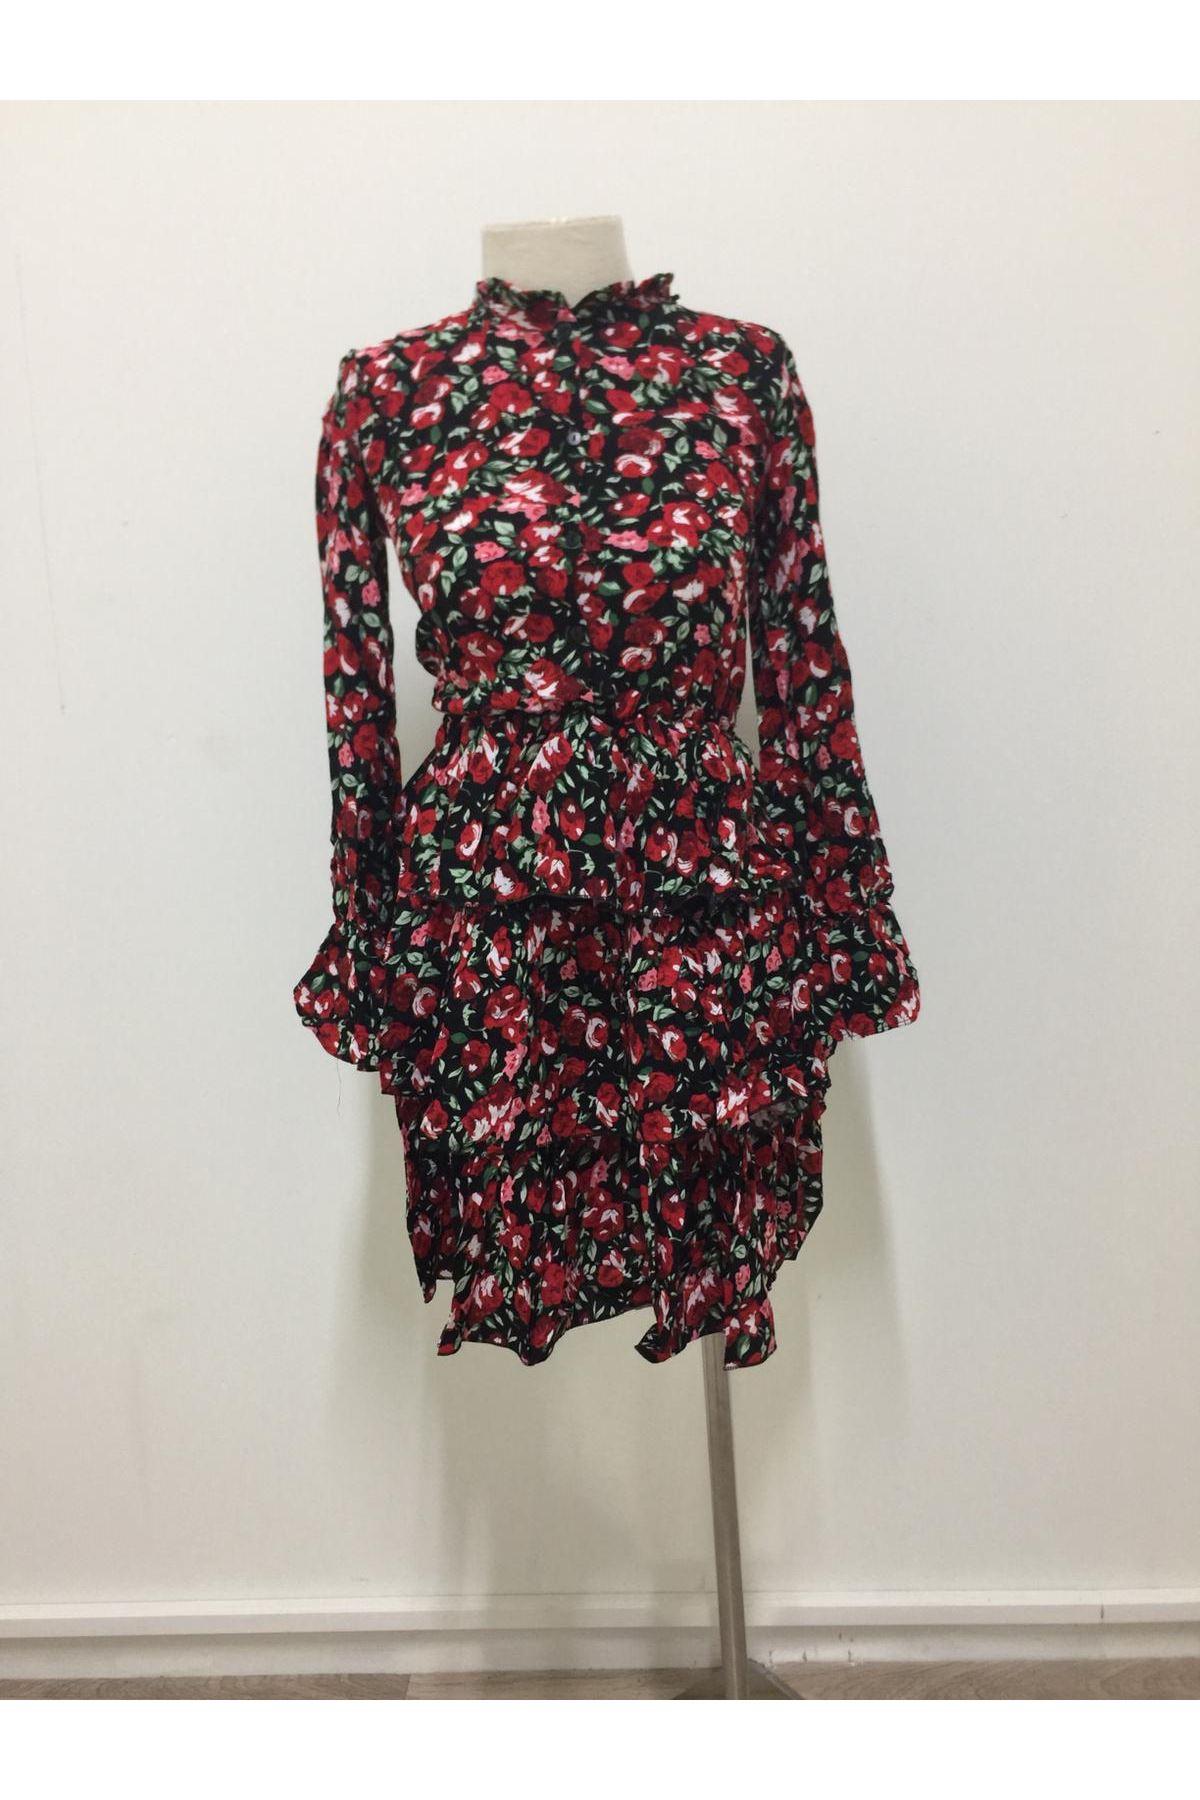 Eteği Katkat Mini Çiçek Elbise - kırmızı